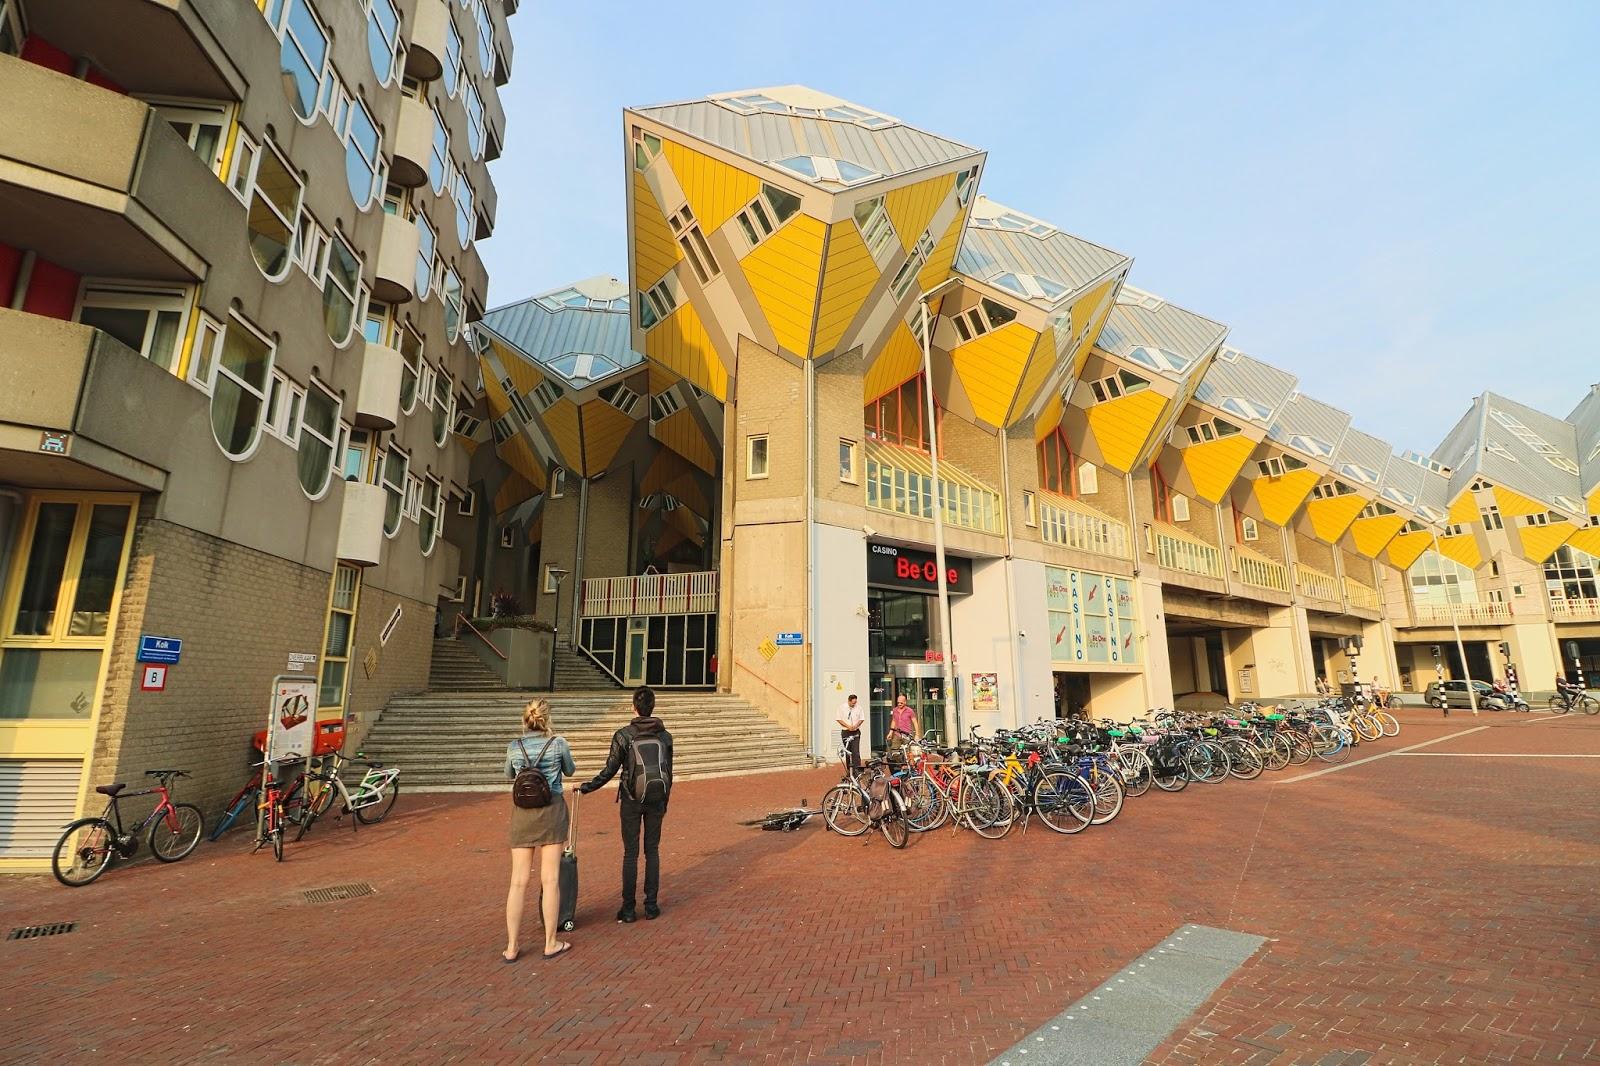 Holandia, podróże, zwiedzanie, architektura